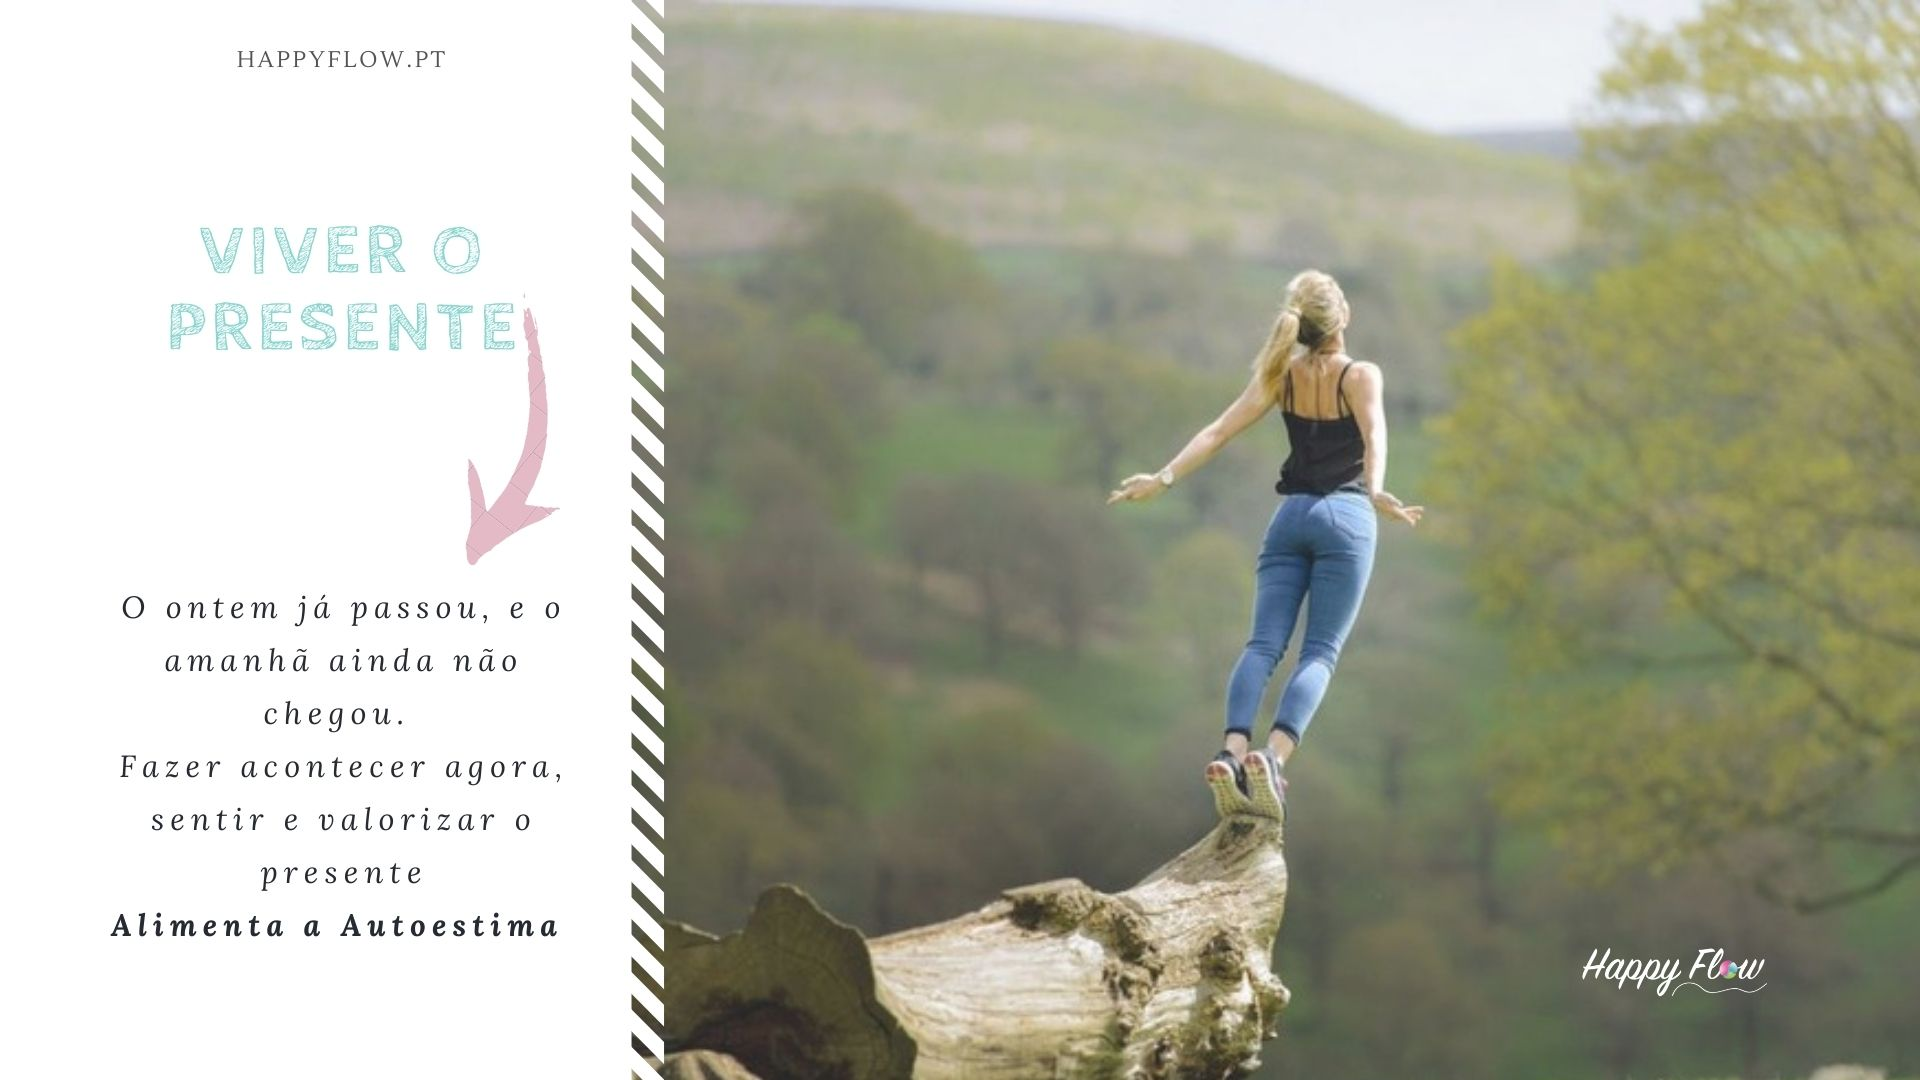 Viver o agora, é manter presença consciente e isso é importante na construção de uma boa autoestima